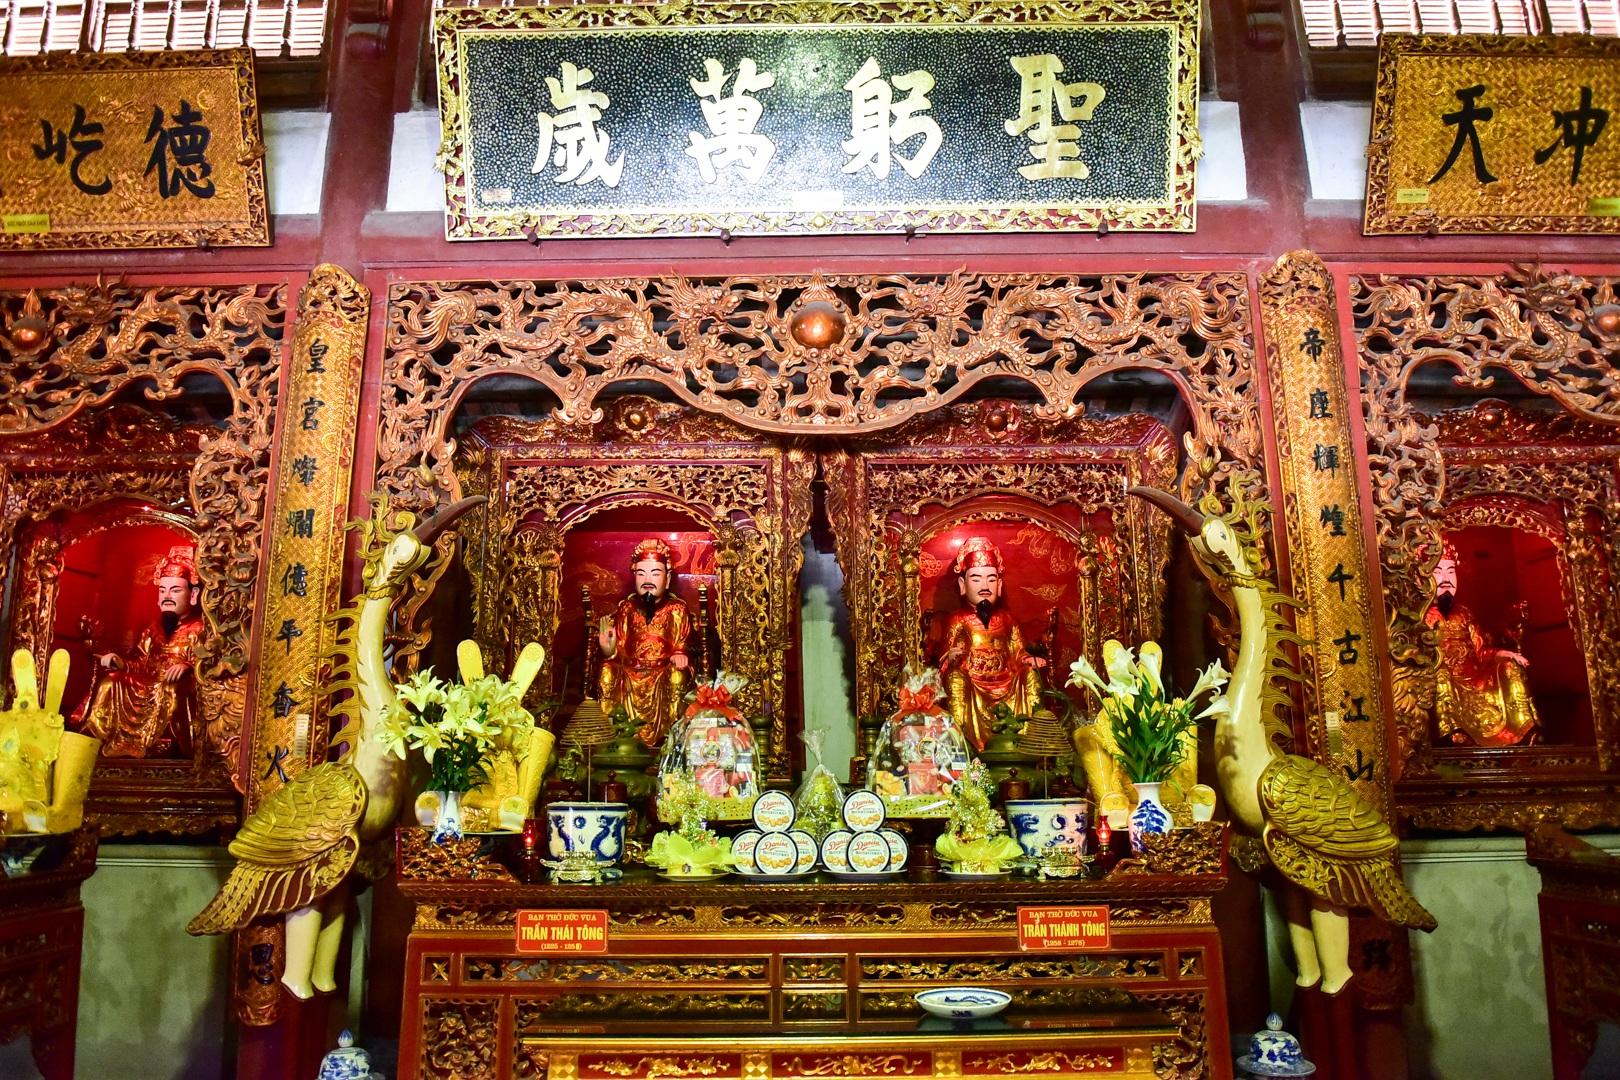 Chiêm ngưỡng ngôi đền 600 năm tuổi thờ 8 vị vua triều Trần - 9